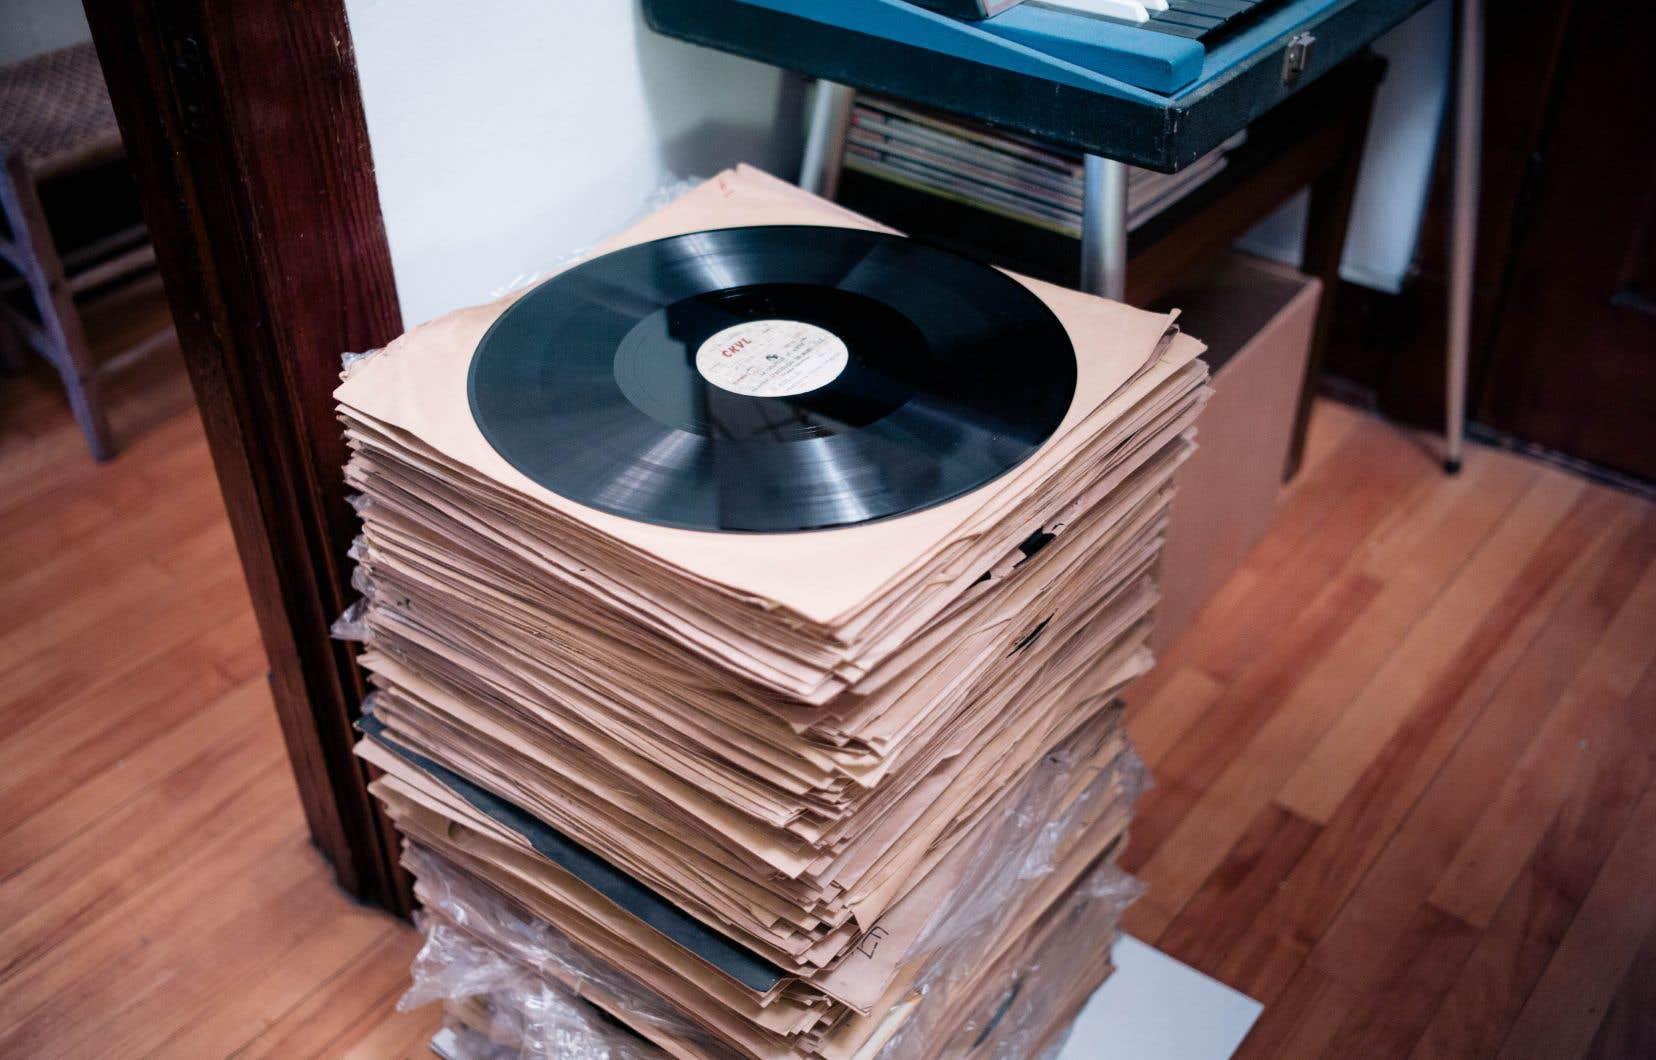 Sébastien Desrosiers se refuse à écouter ces archives, même s'il possède le matériel particulier nécessaire pour le faire. Les disques sont fragiles et n'étaient pas faits pour être joués plus de quelques fois.